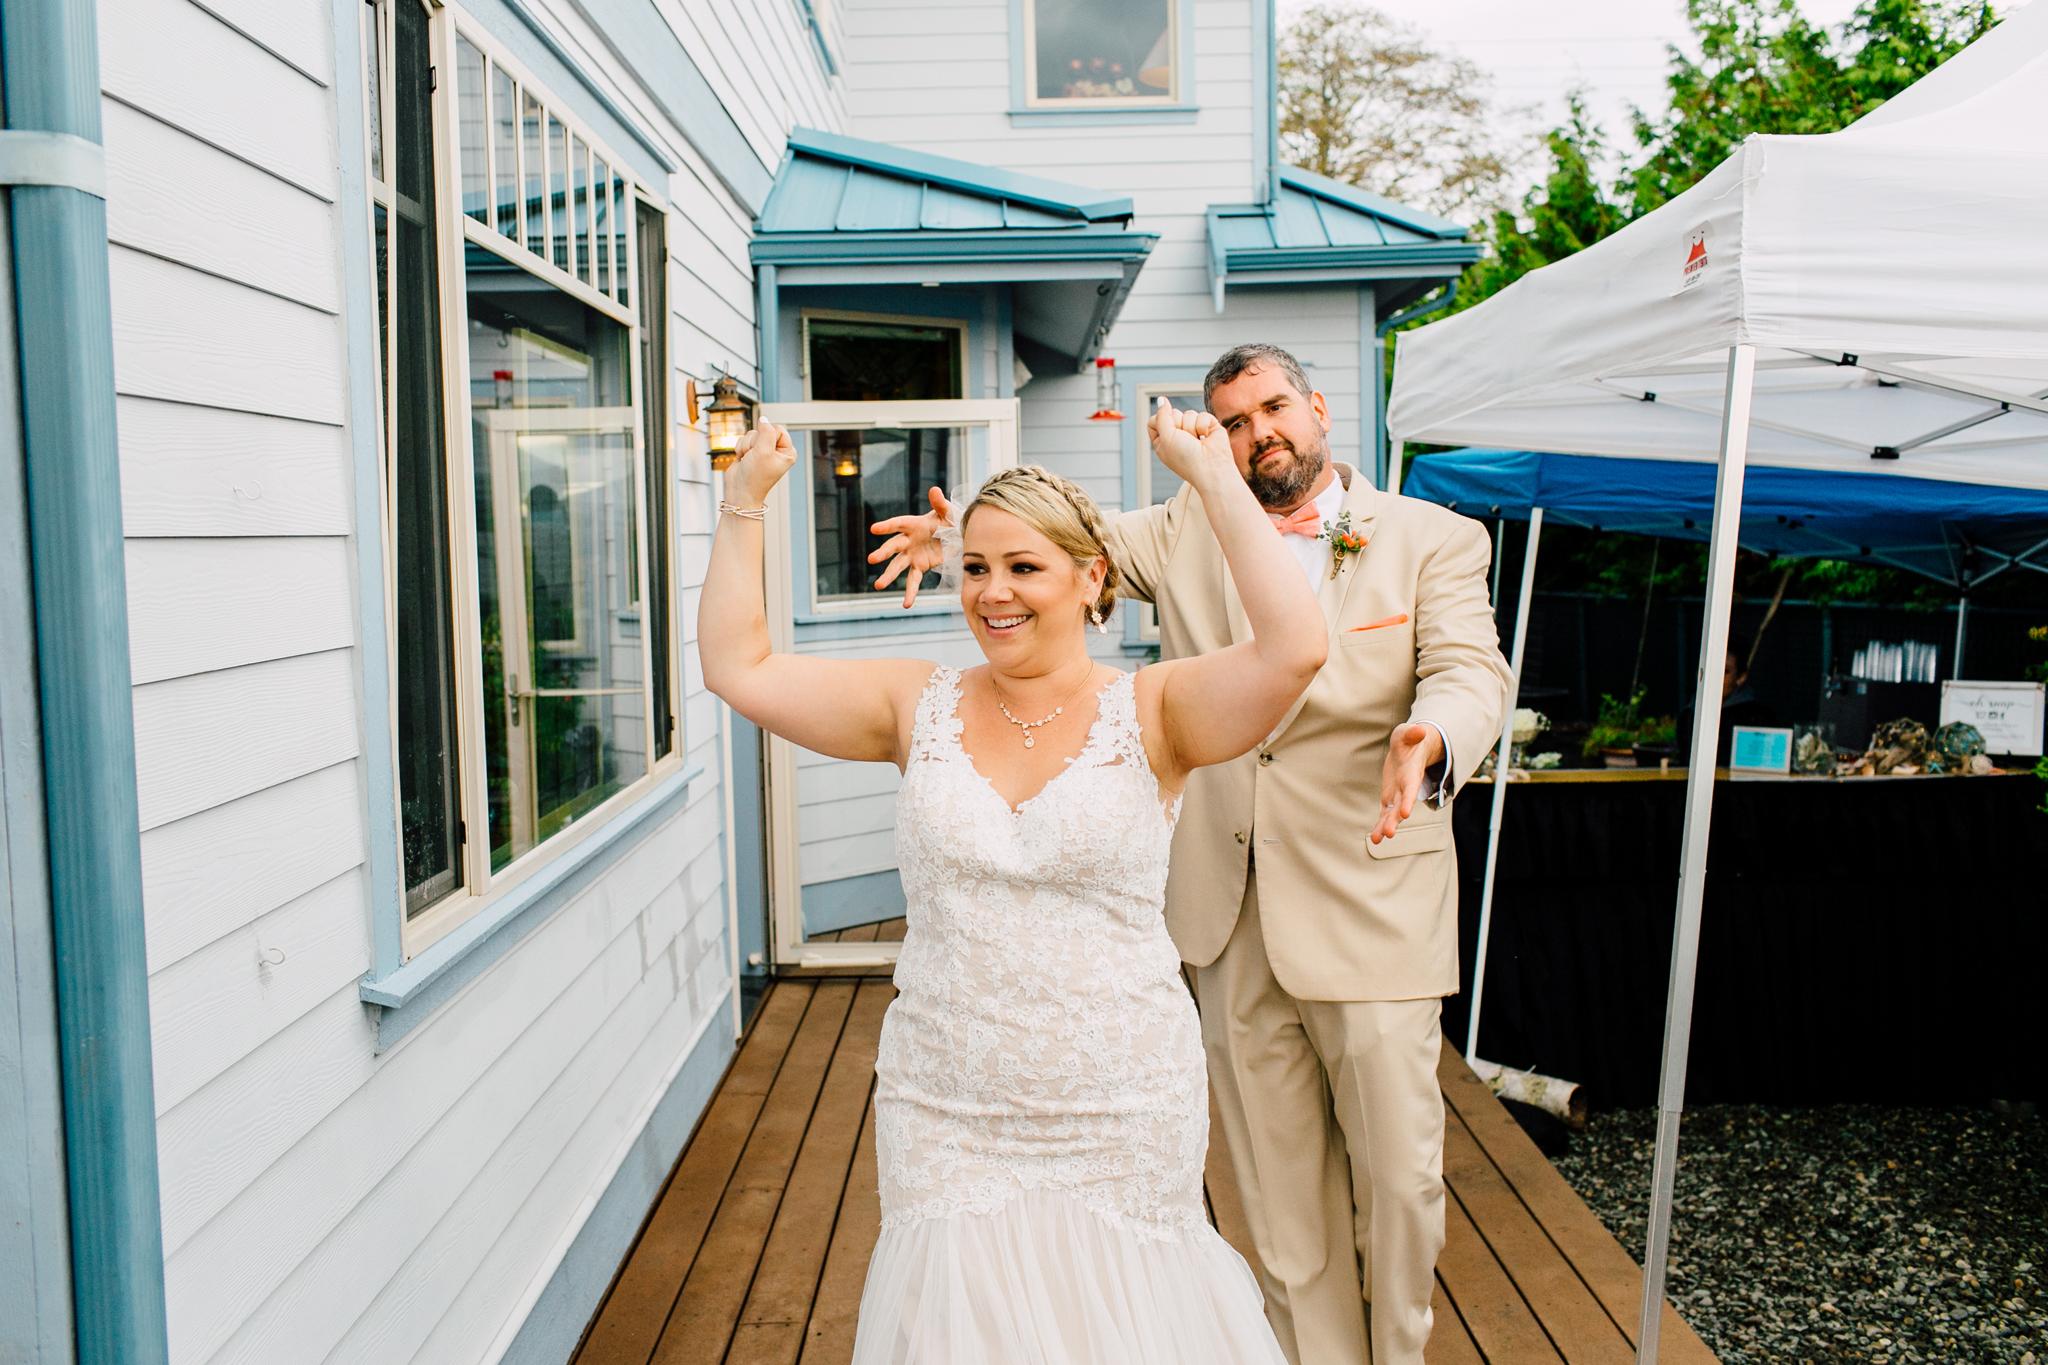 068-bellingham-wedding-photographer-beach-katheryn-moran-elisa-phillip.jpg